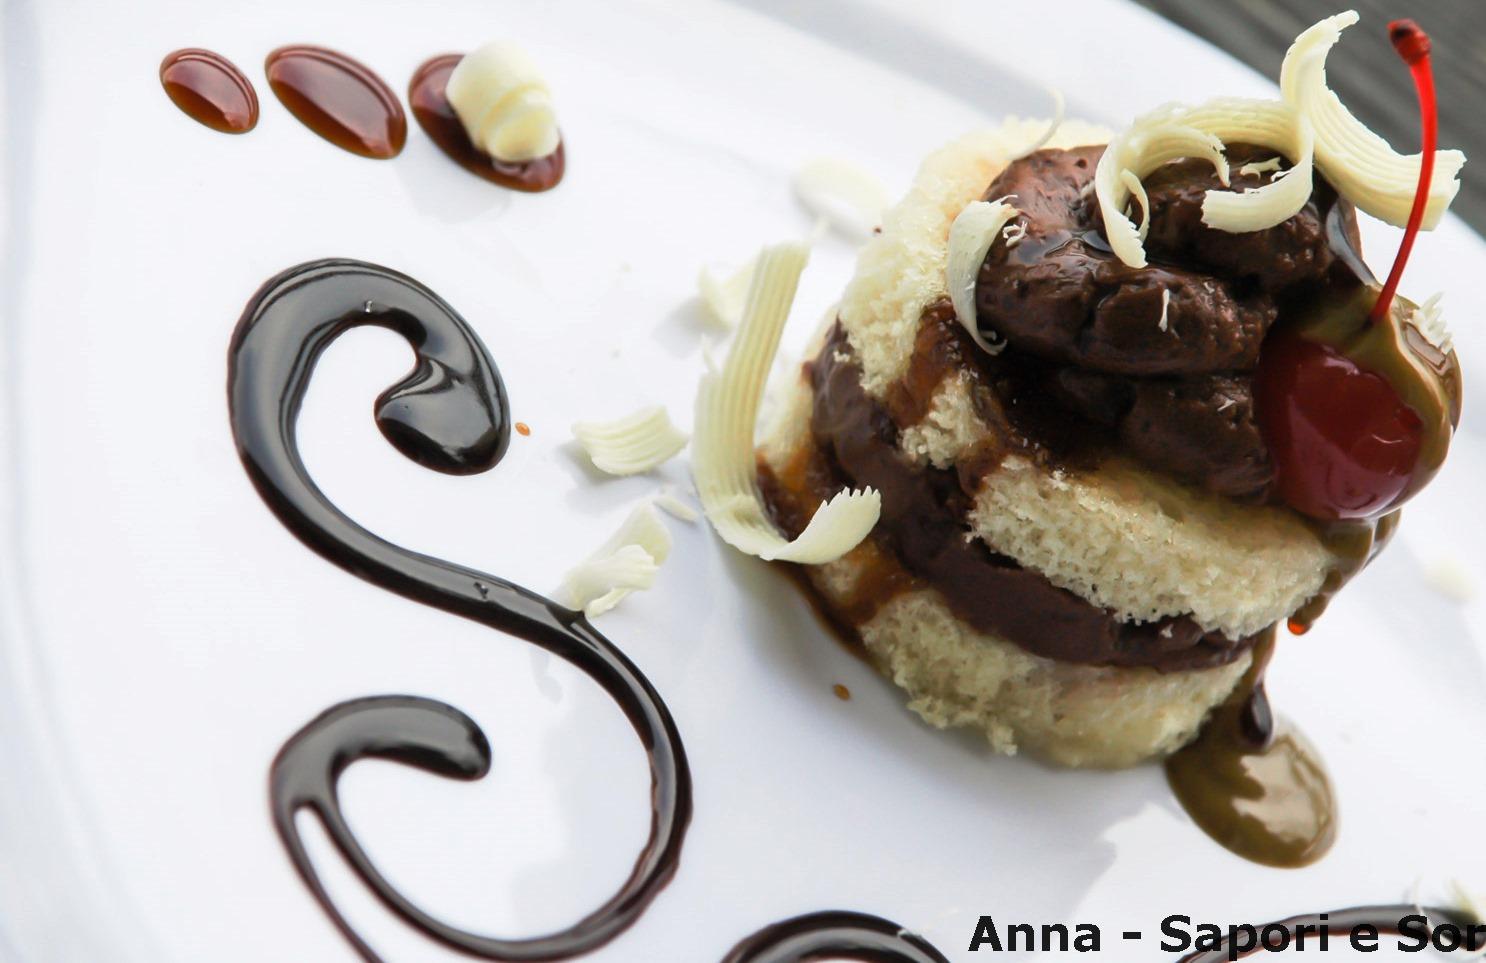 ANNA-SAPORI E SORRISI: Decorazione piatto dolce